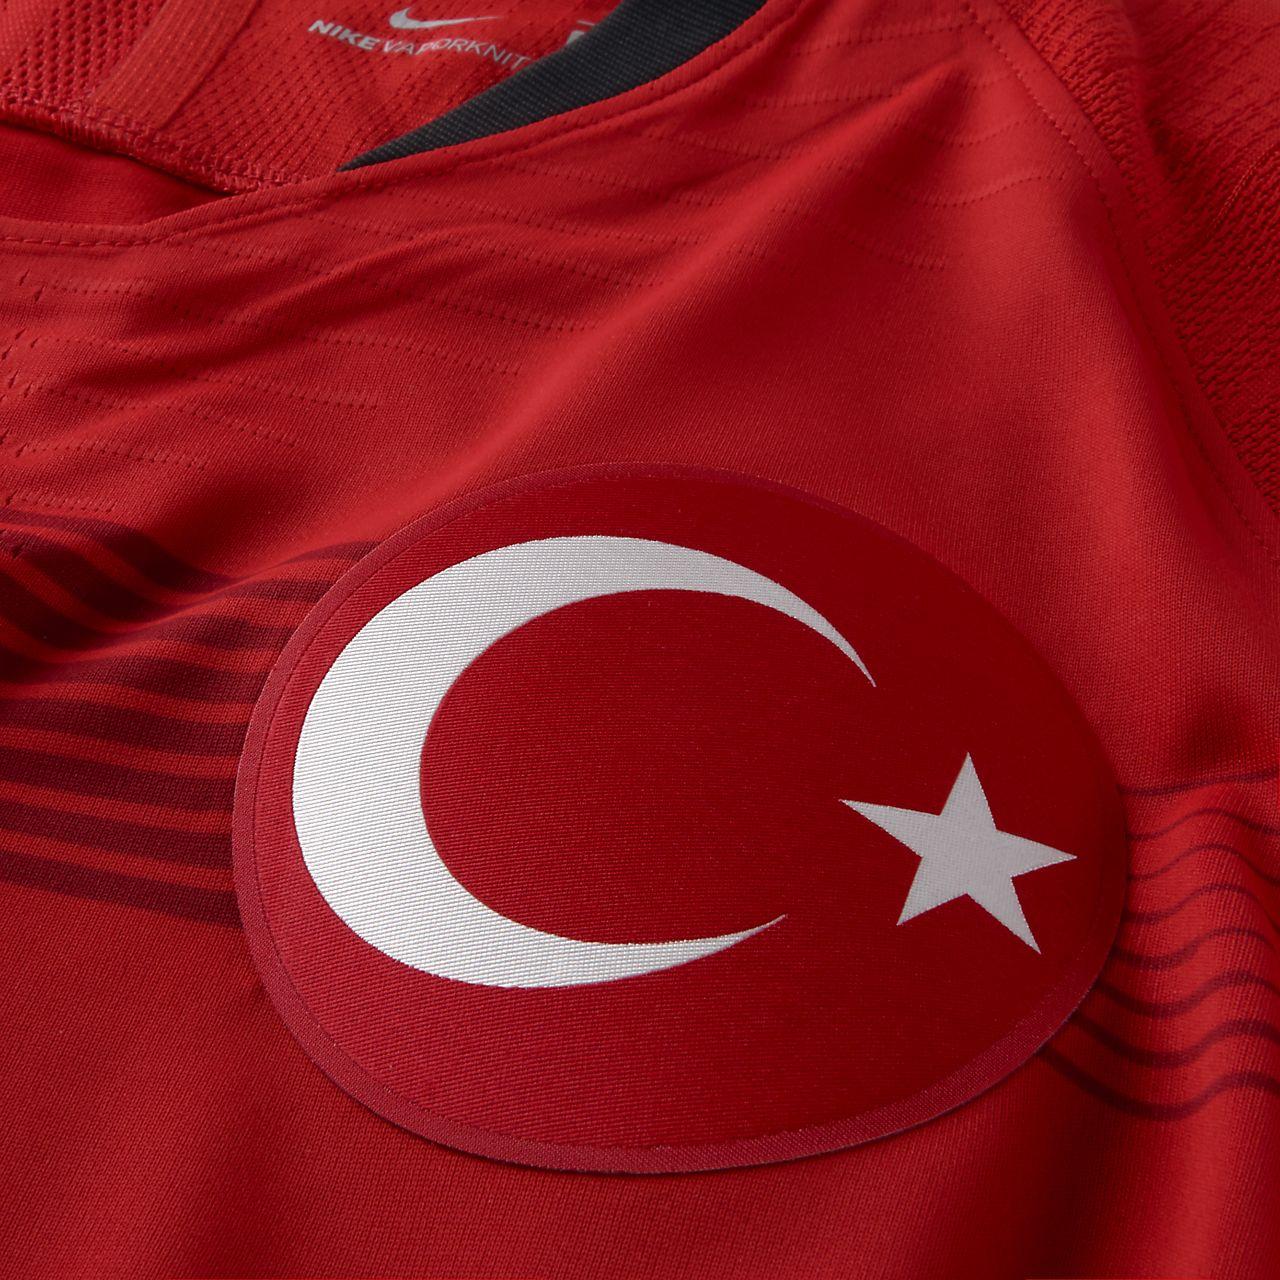 3b93131754 2018 Turkey Vapor Match Home/Away Men's Football Shirt